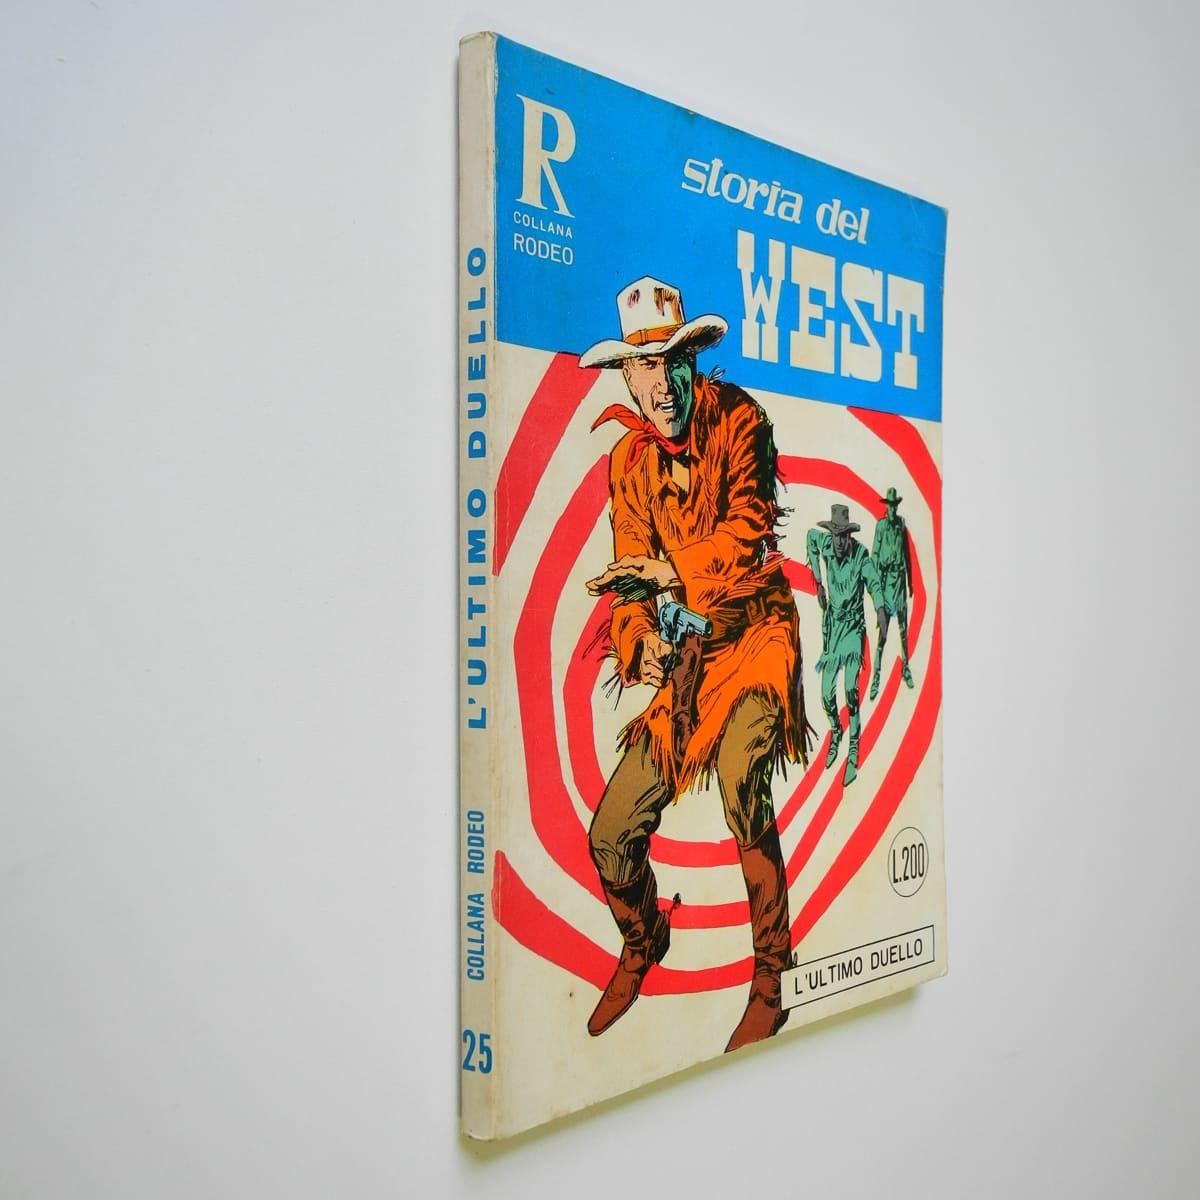 Collana Rodeo n. 25 Storia del West originale